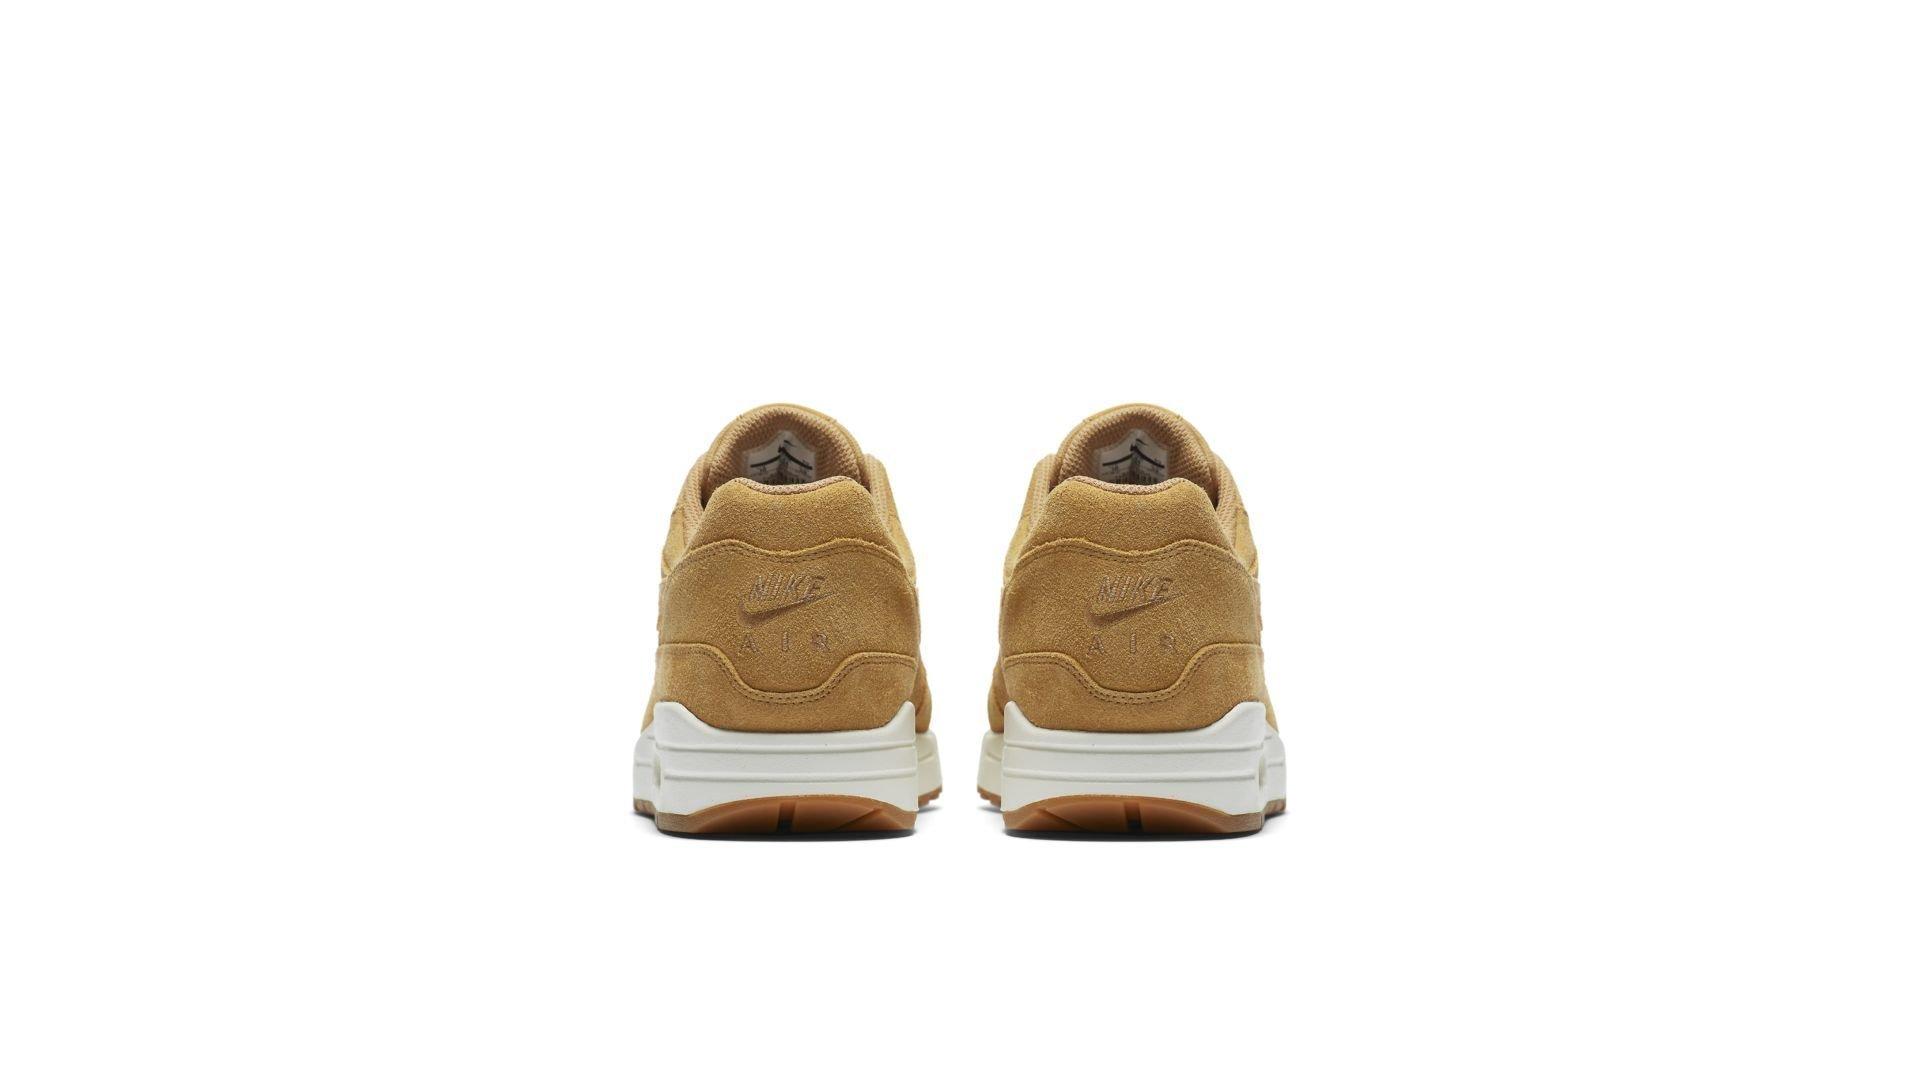 Nike Air Max 1 Flax (2017) (875844-203)